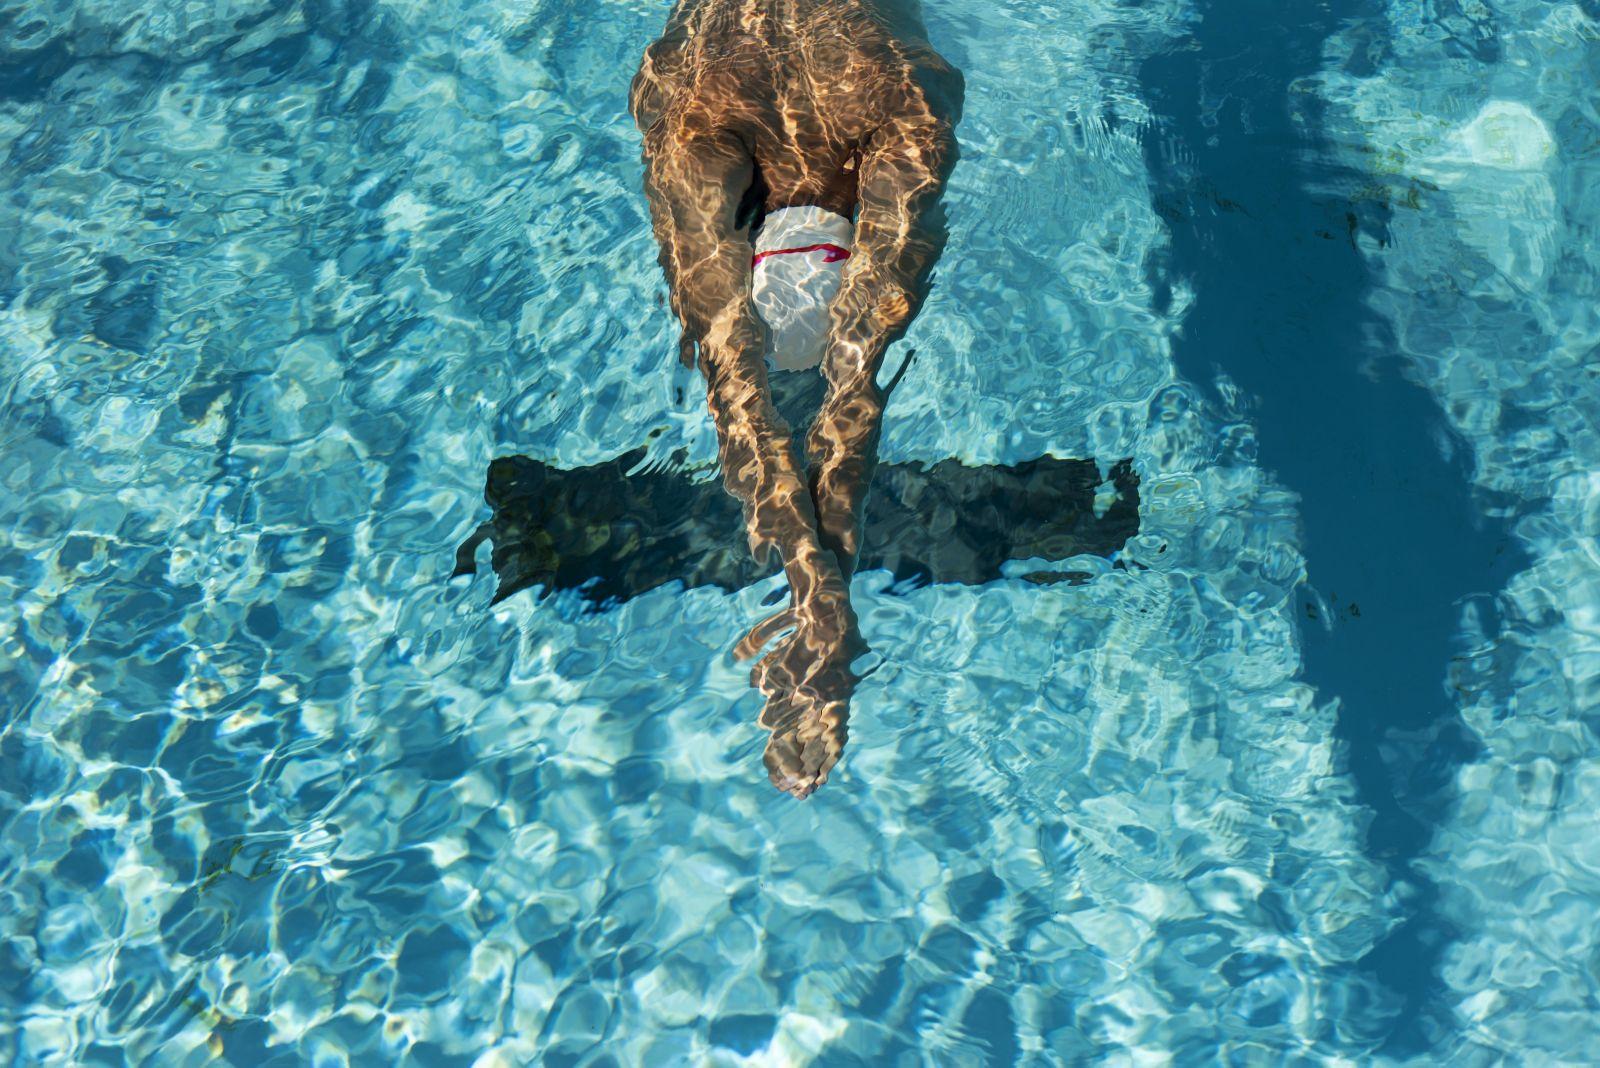 Ilustrasi perenang. Foto: Freepik